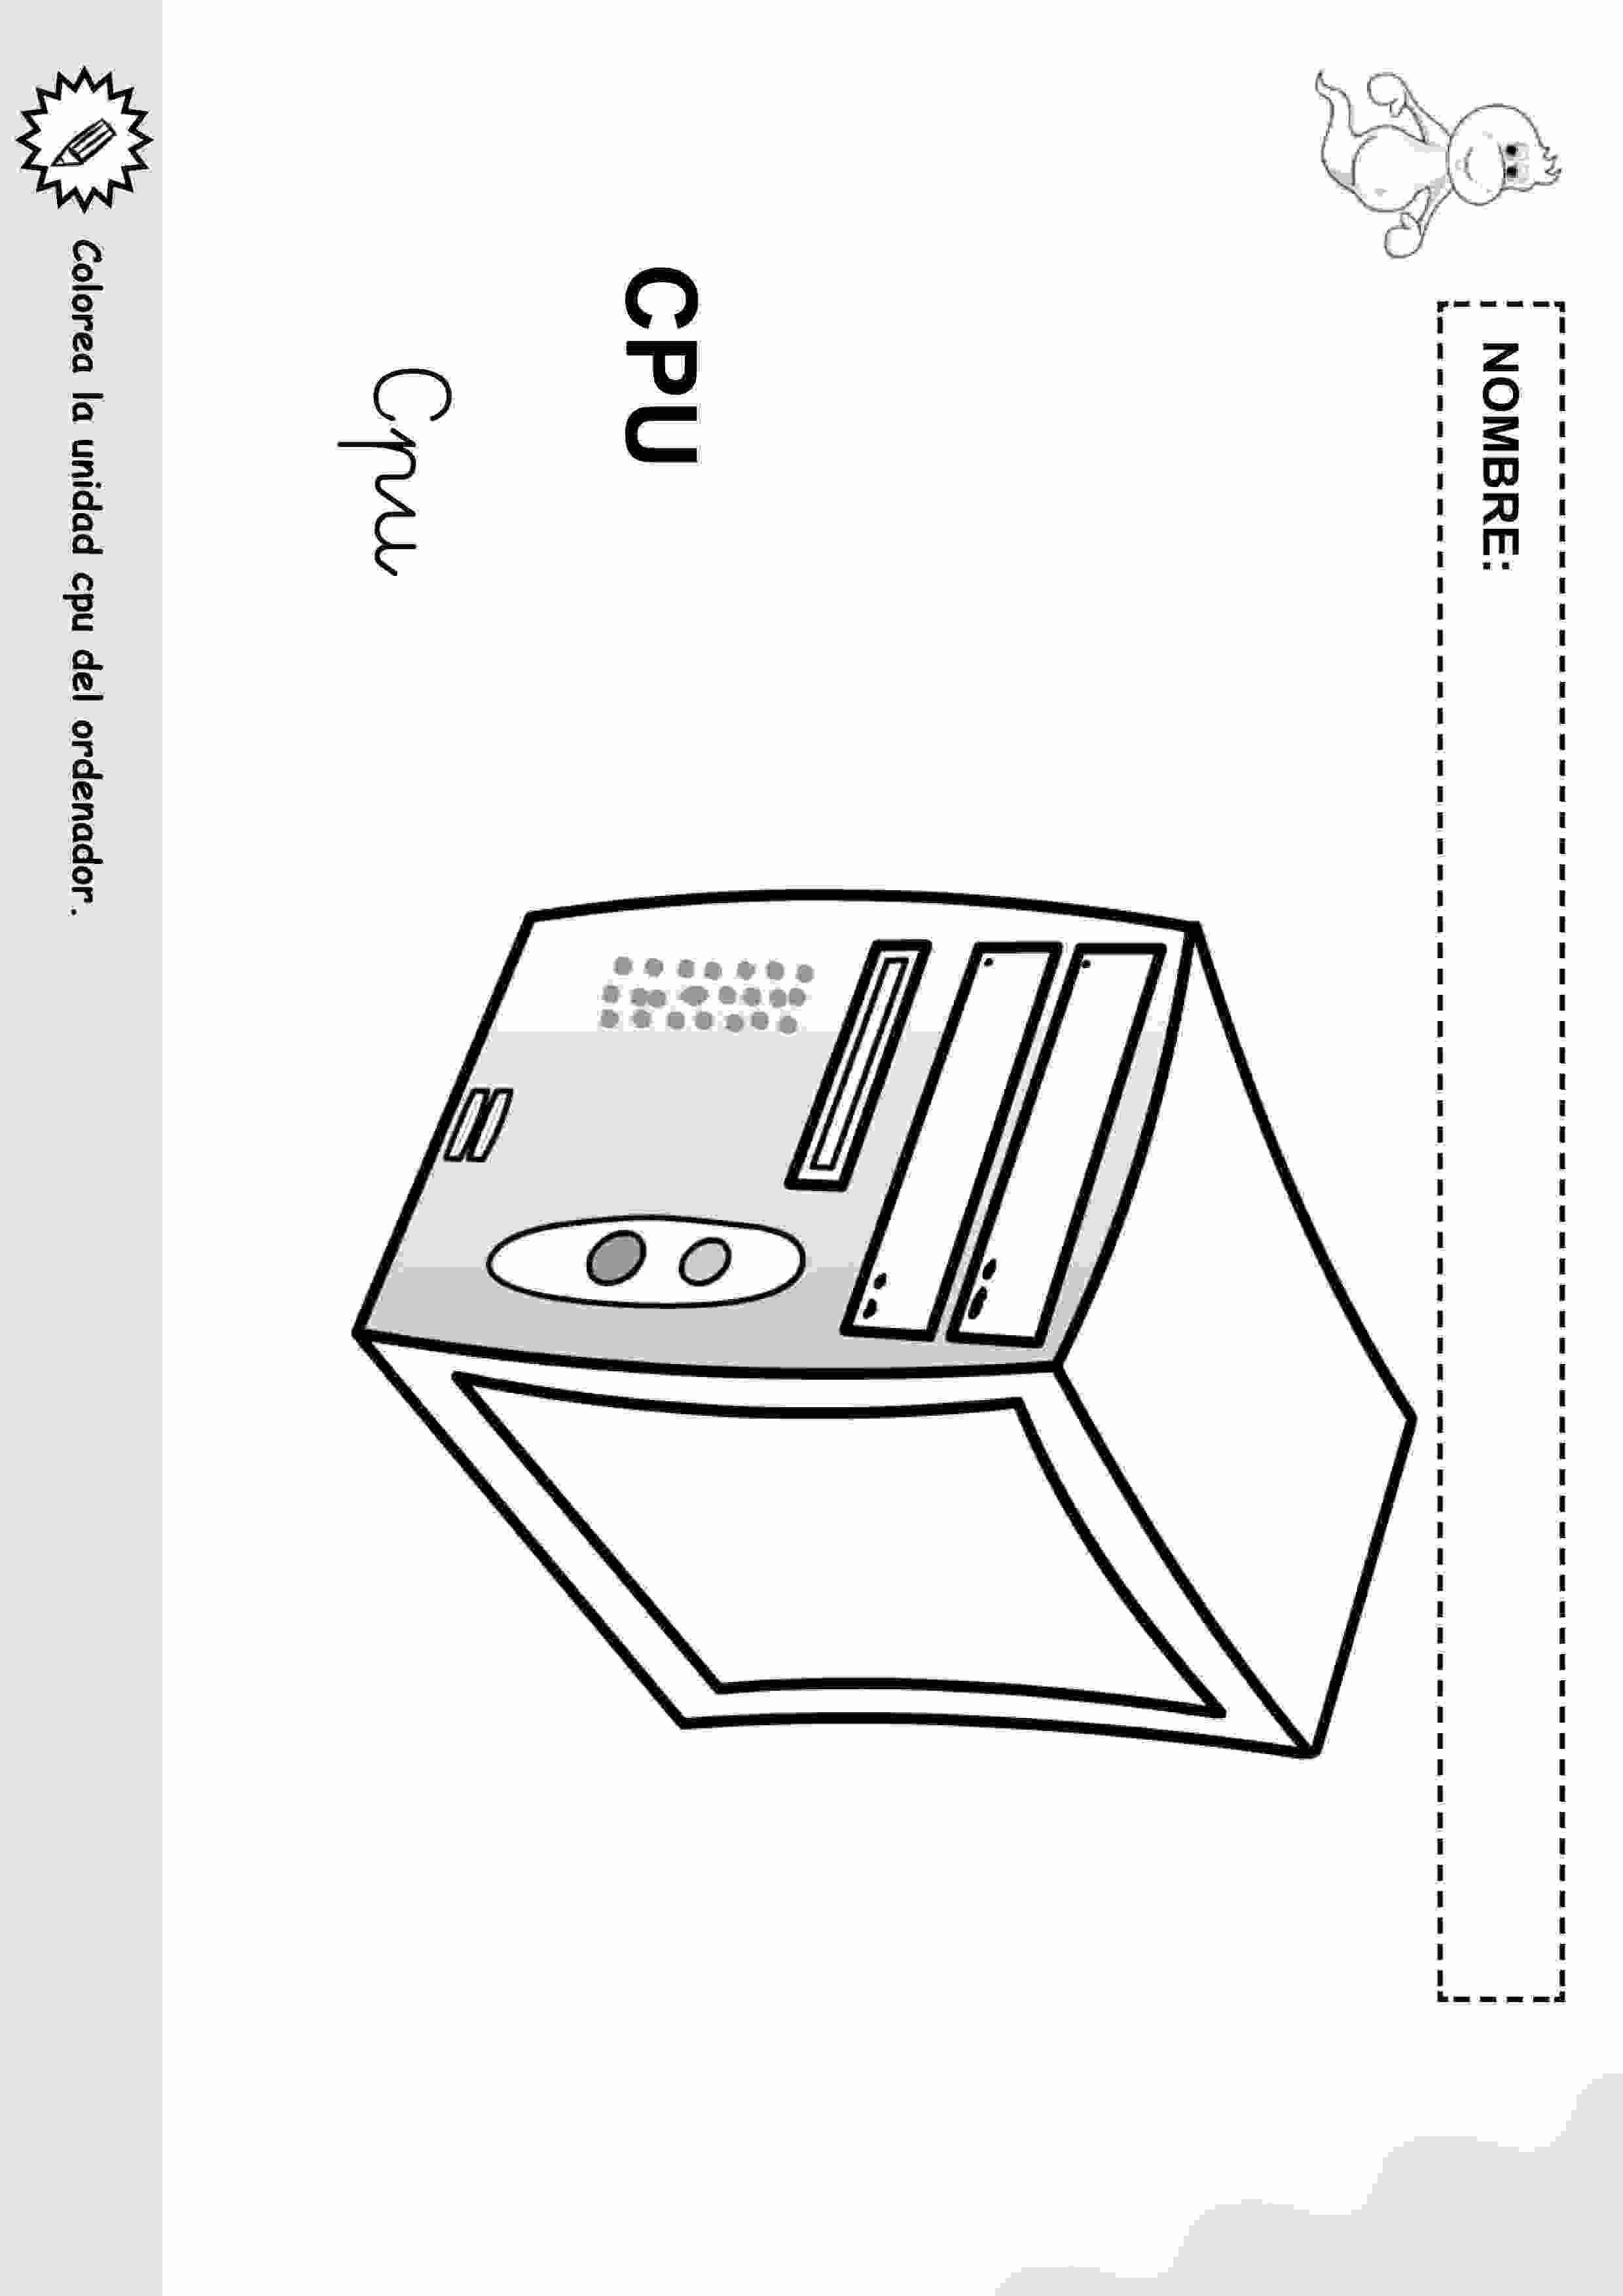 Actividades Para Ninos Preescolar Primaria E Inicial Objetos Con Nombre Para Colorear 6 Computadora Para Ninos Tecnologia Para Ninos Clases De Computacion